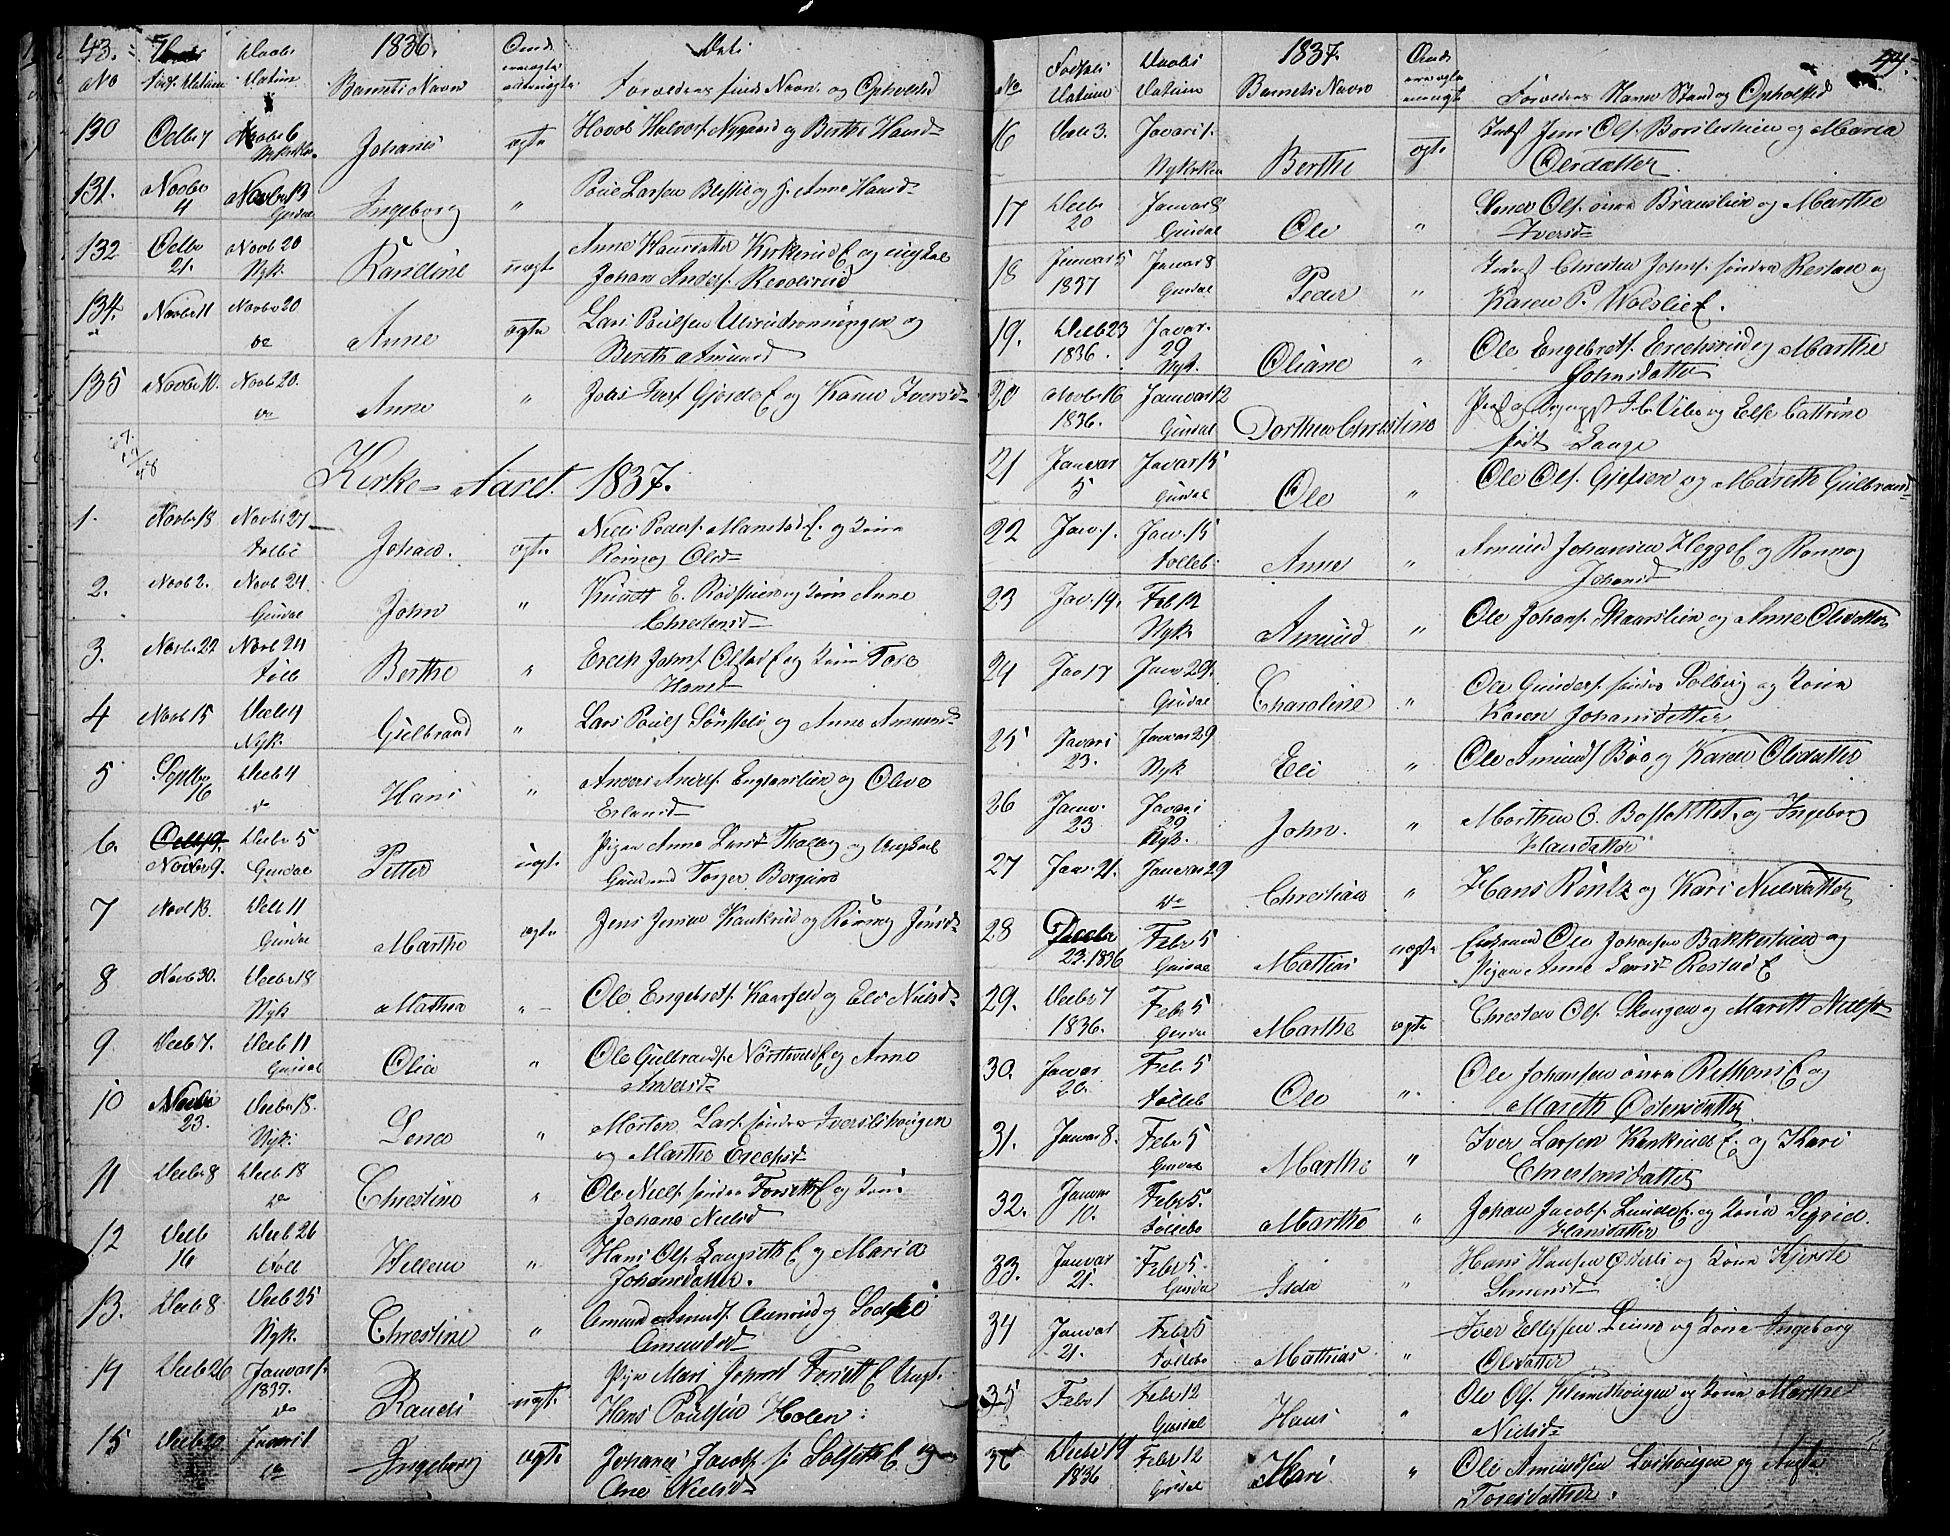 SAH, Gausdal prestekontor, Klokkerbok nr. 3, 1829-1864, s. 43-44